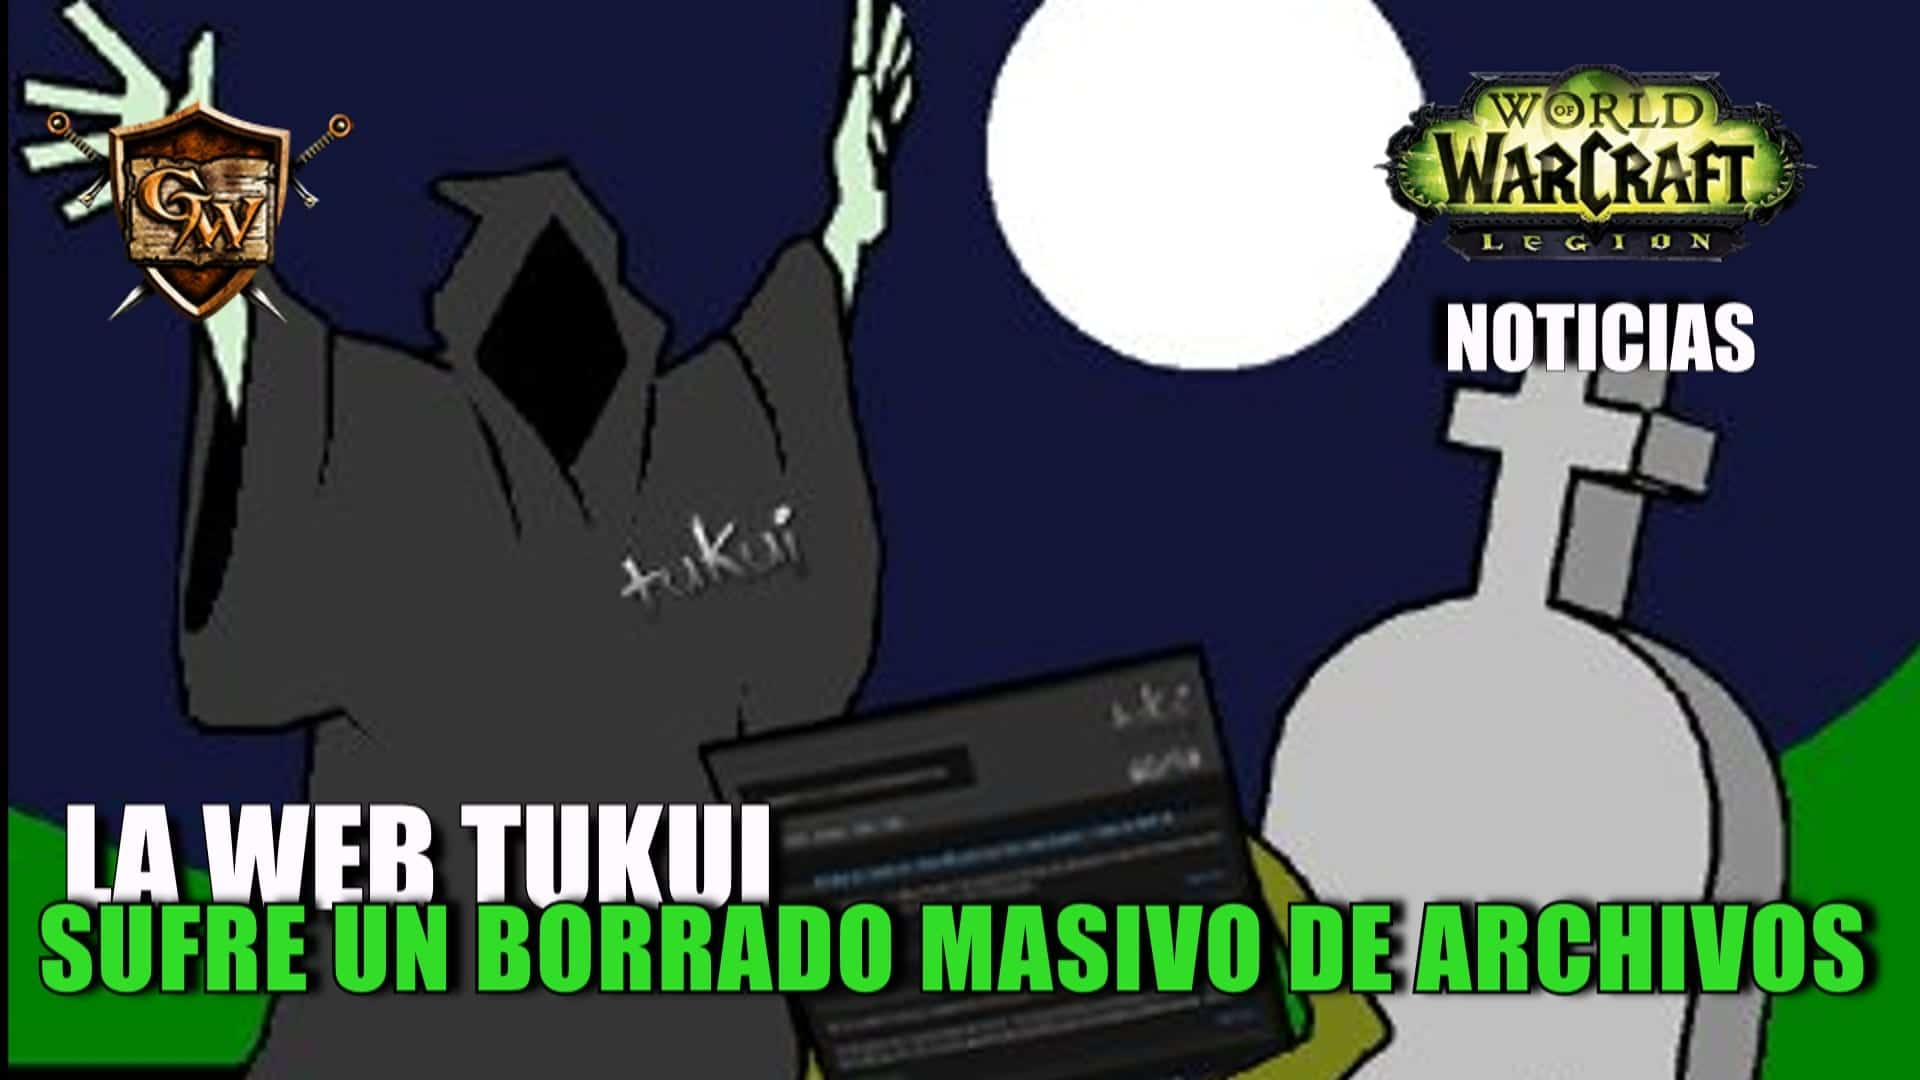 La página de los addons Tuk/Elv UI sufre un hackeo y borrado de toda su web